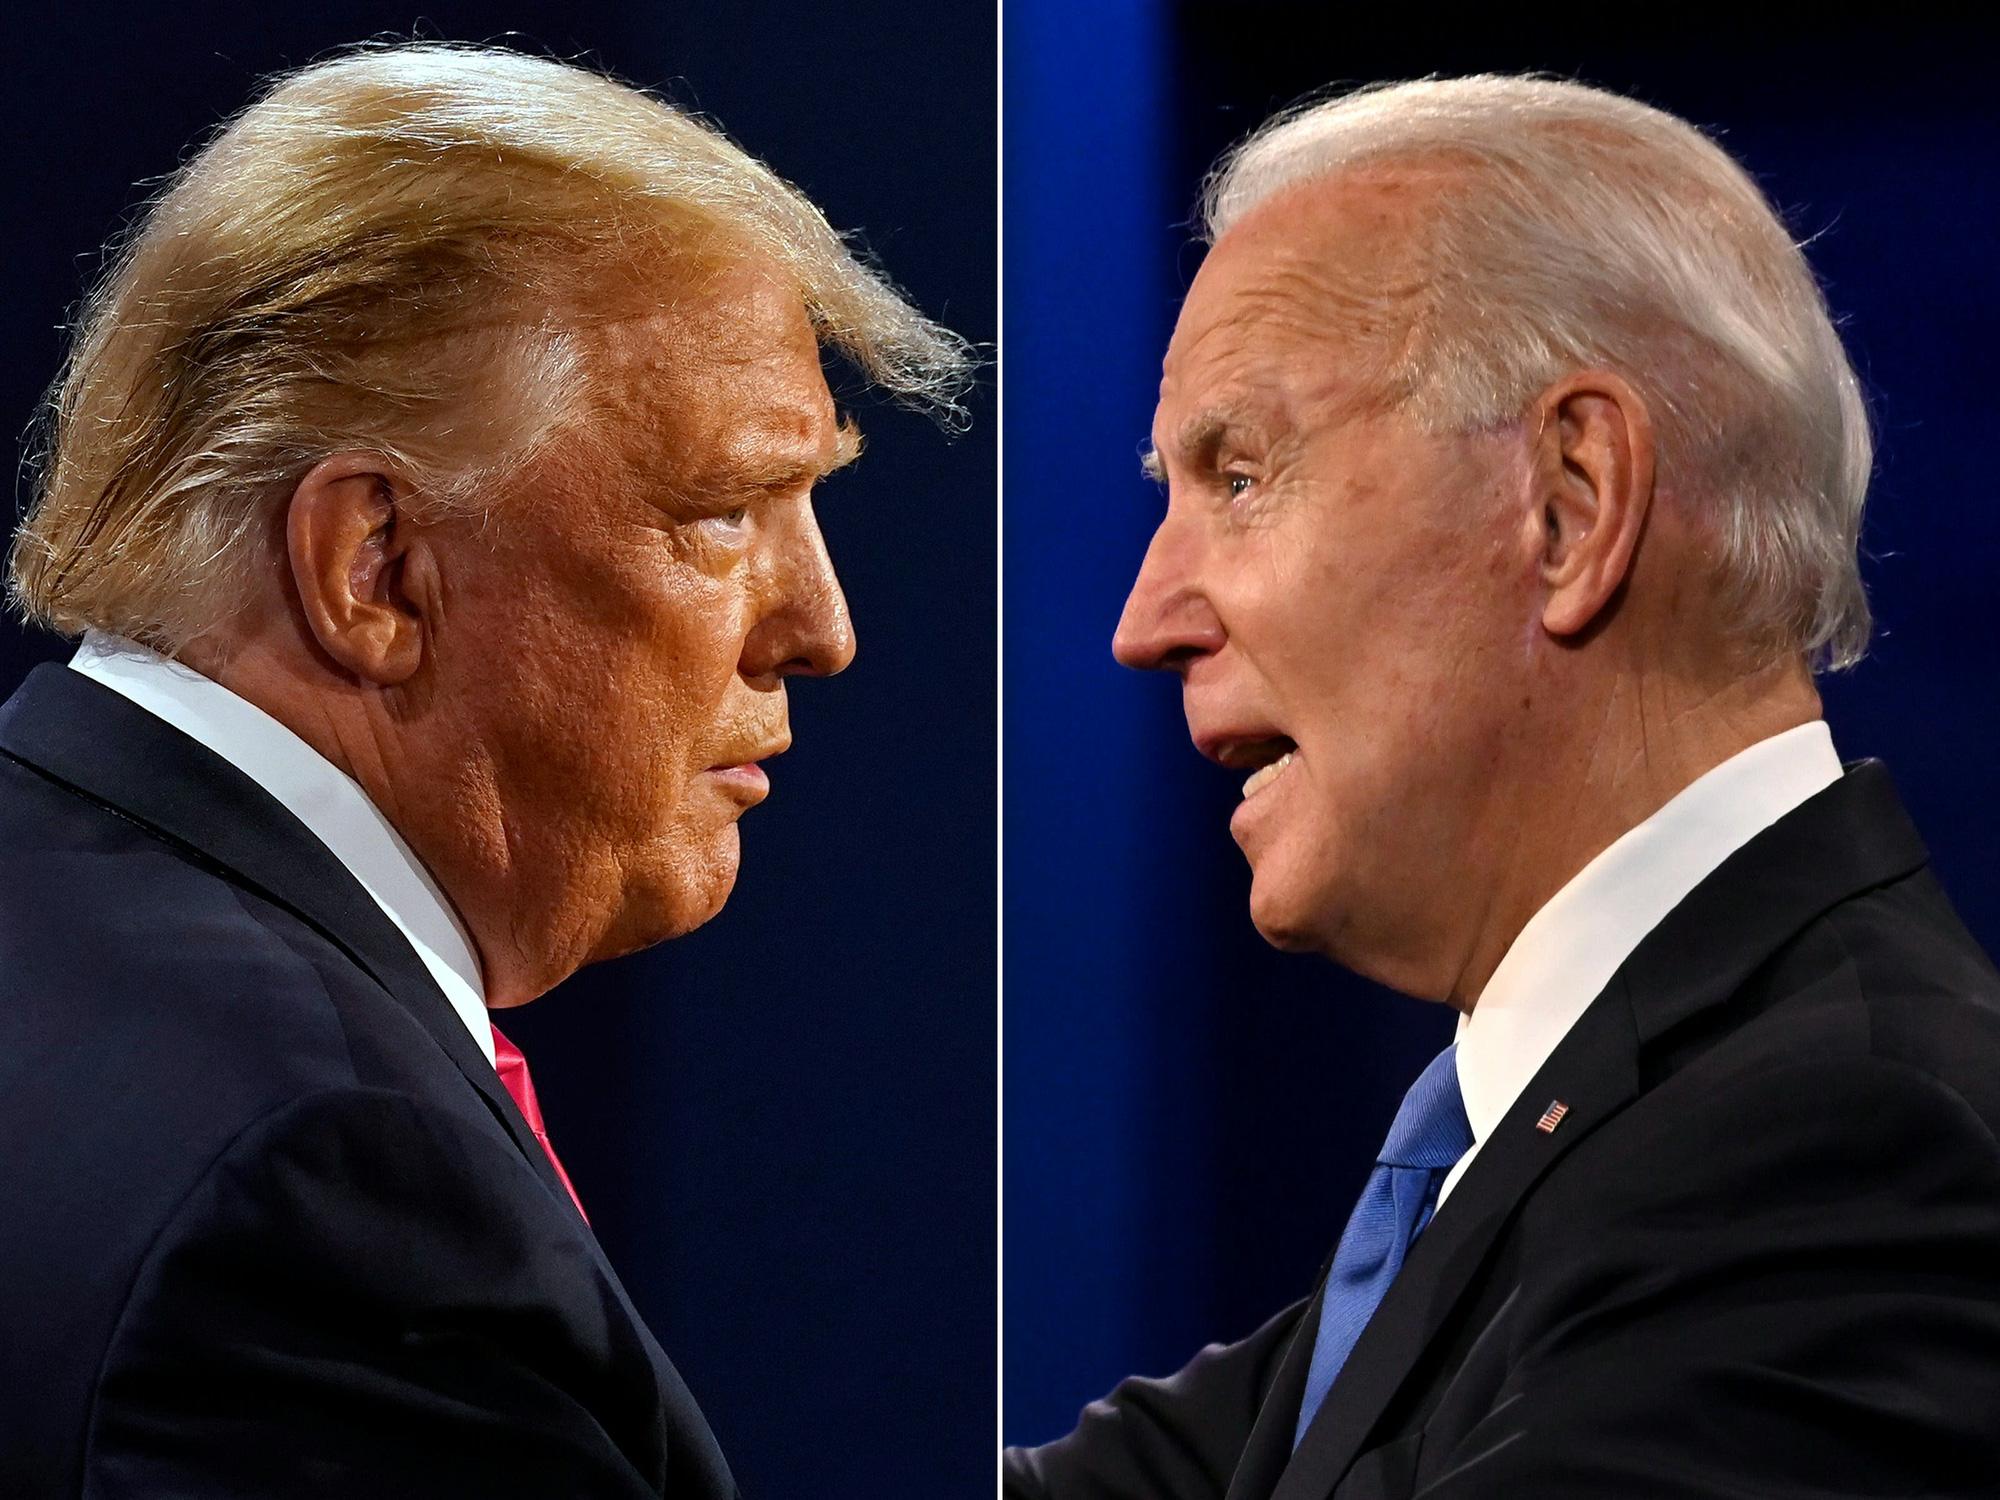 Kết quả thăm dò cử tri Mỹ mới nhất: Ông Trump không thắng bang nào - Ảnh 1.